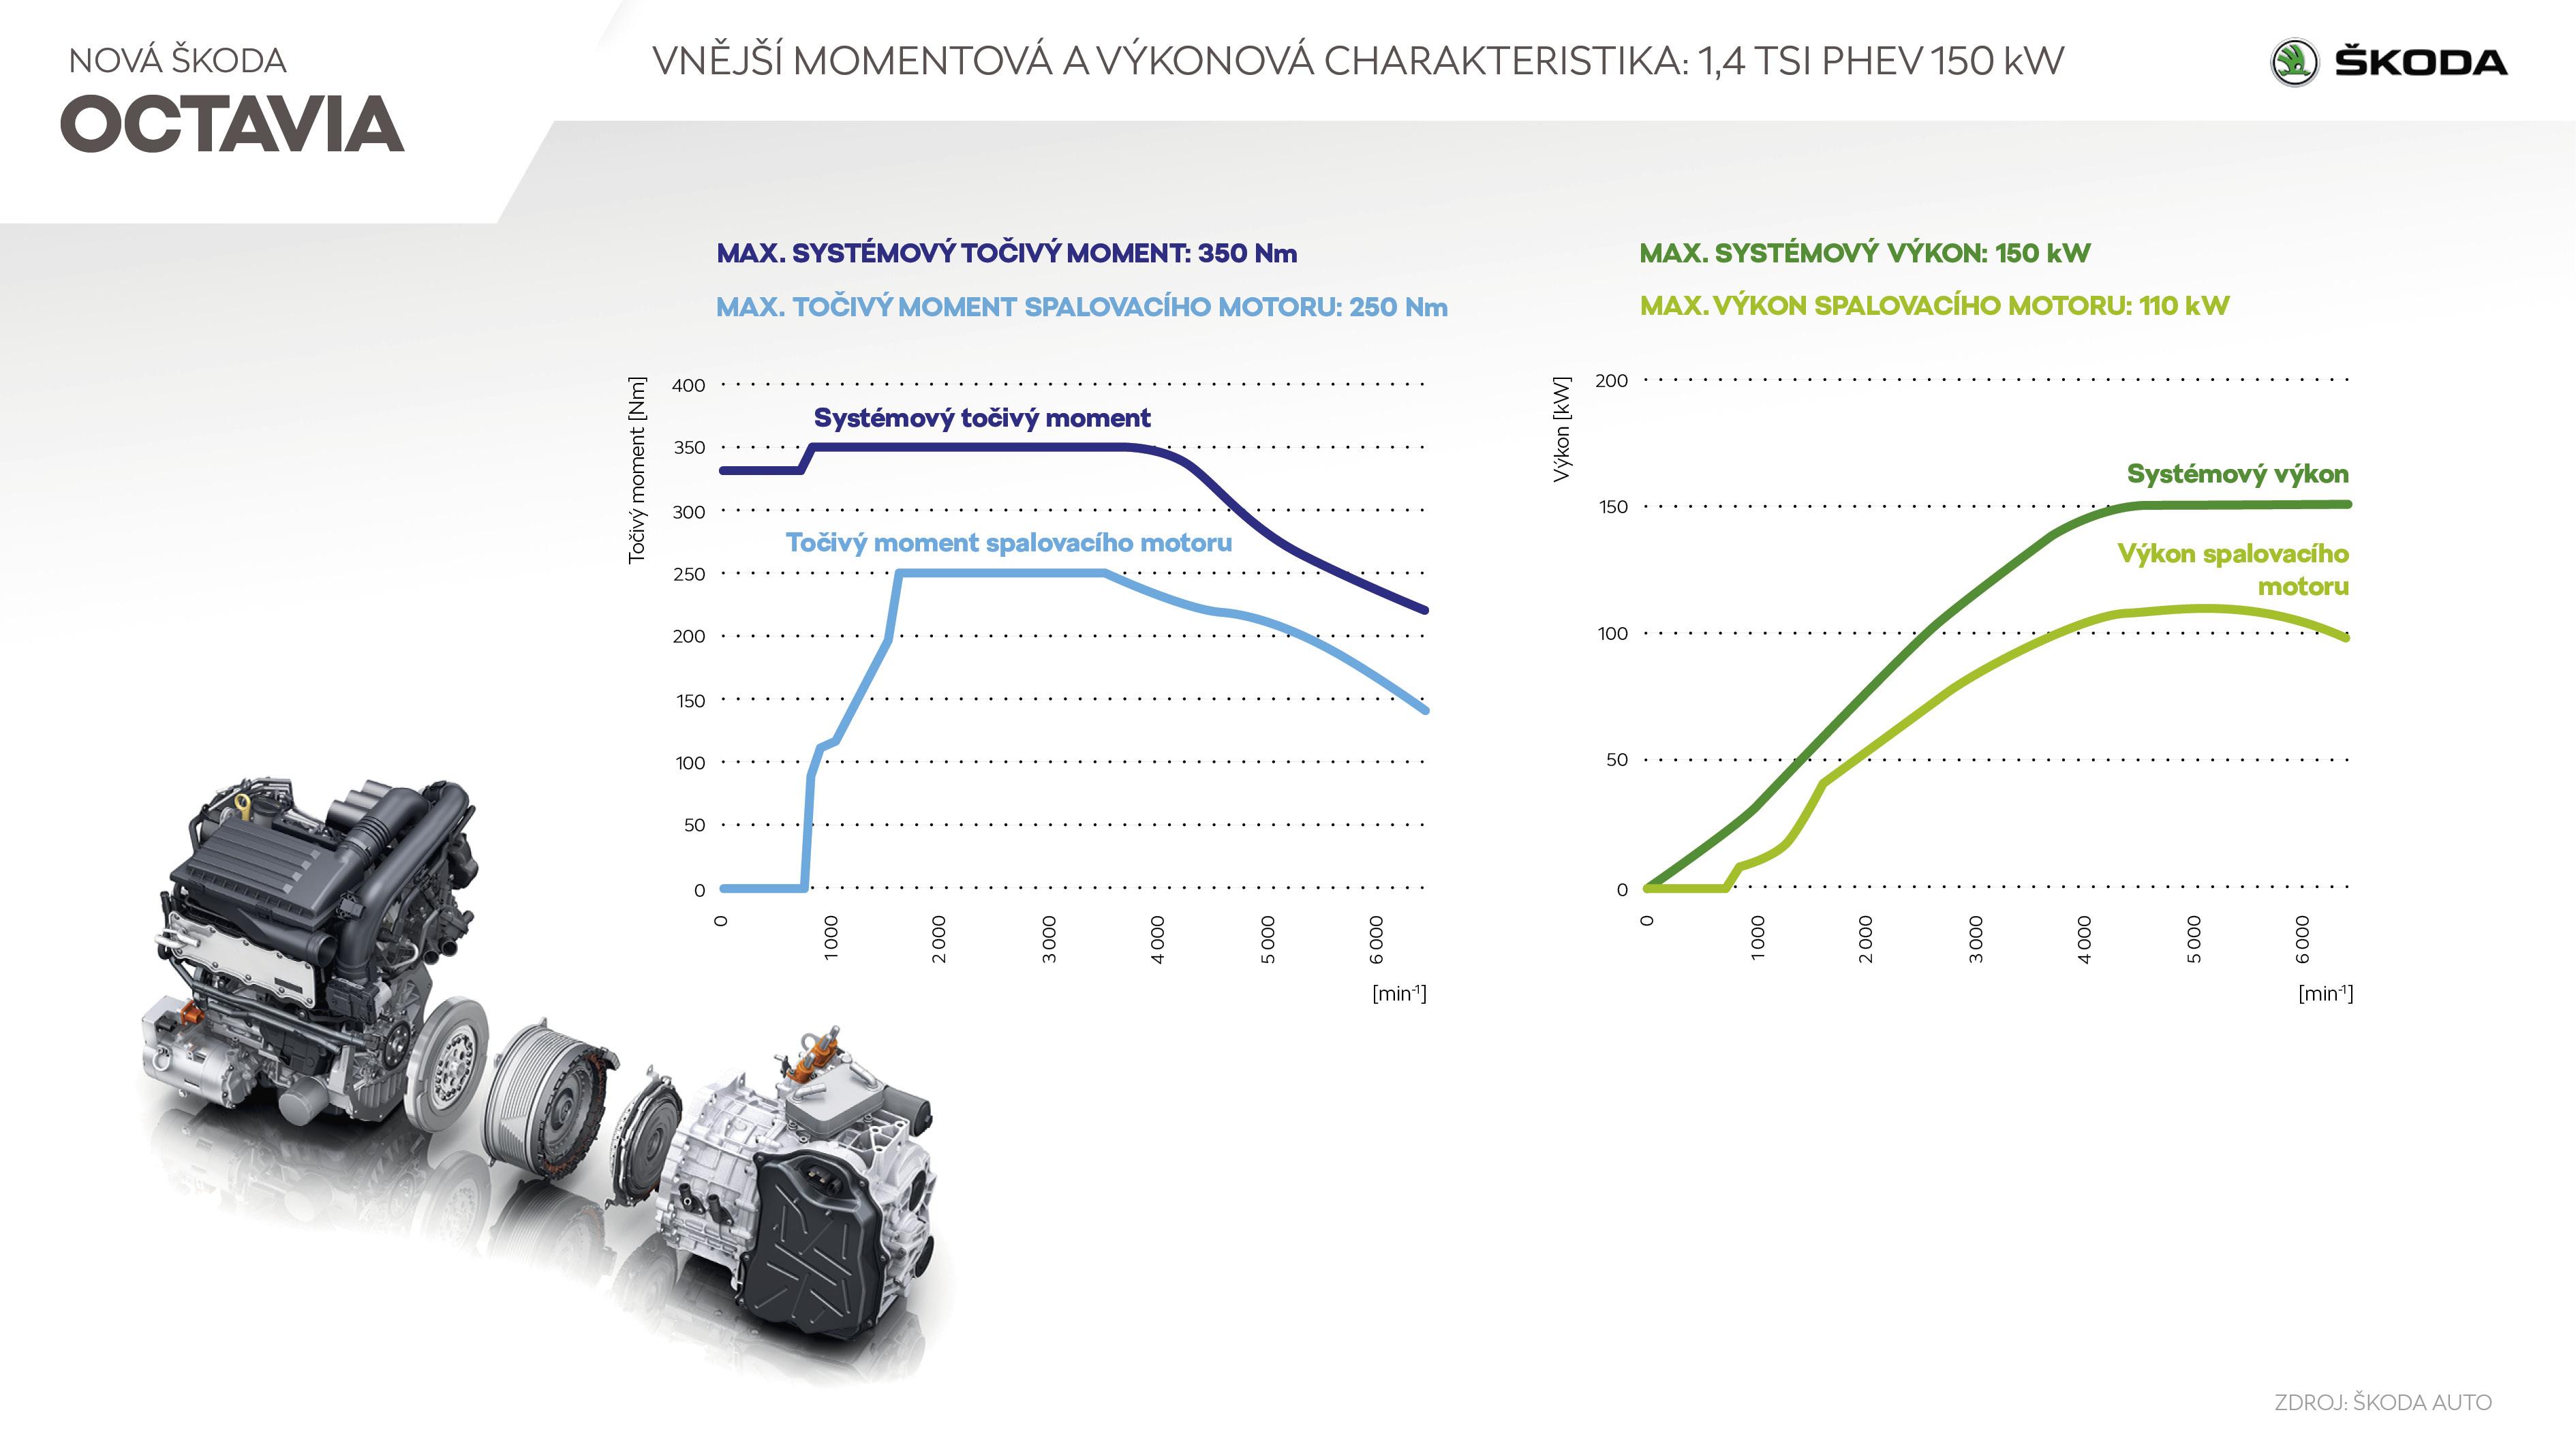 ŠKODA OCTAVIA iV - Infografika